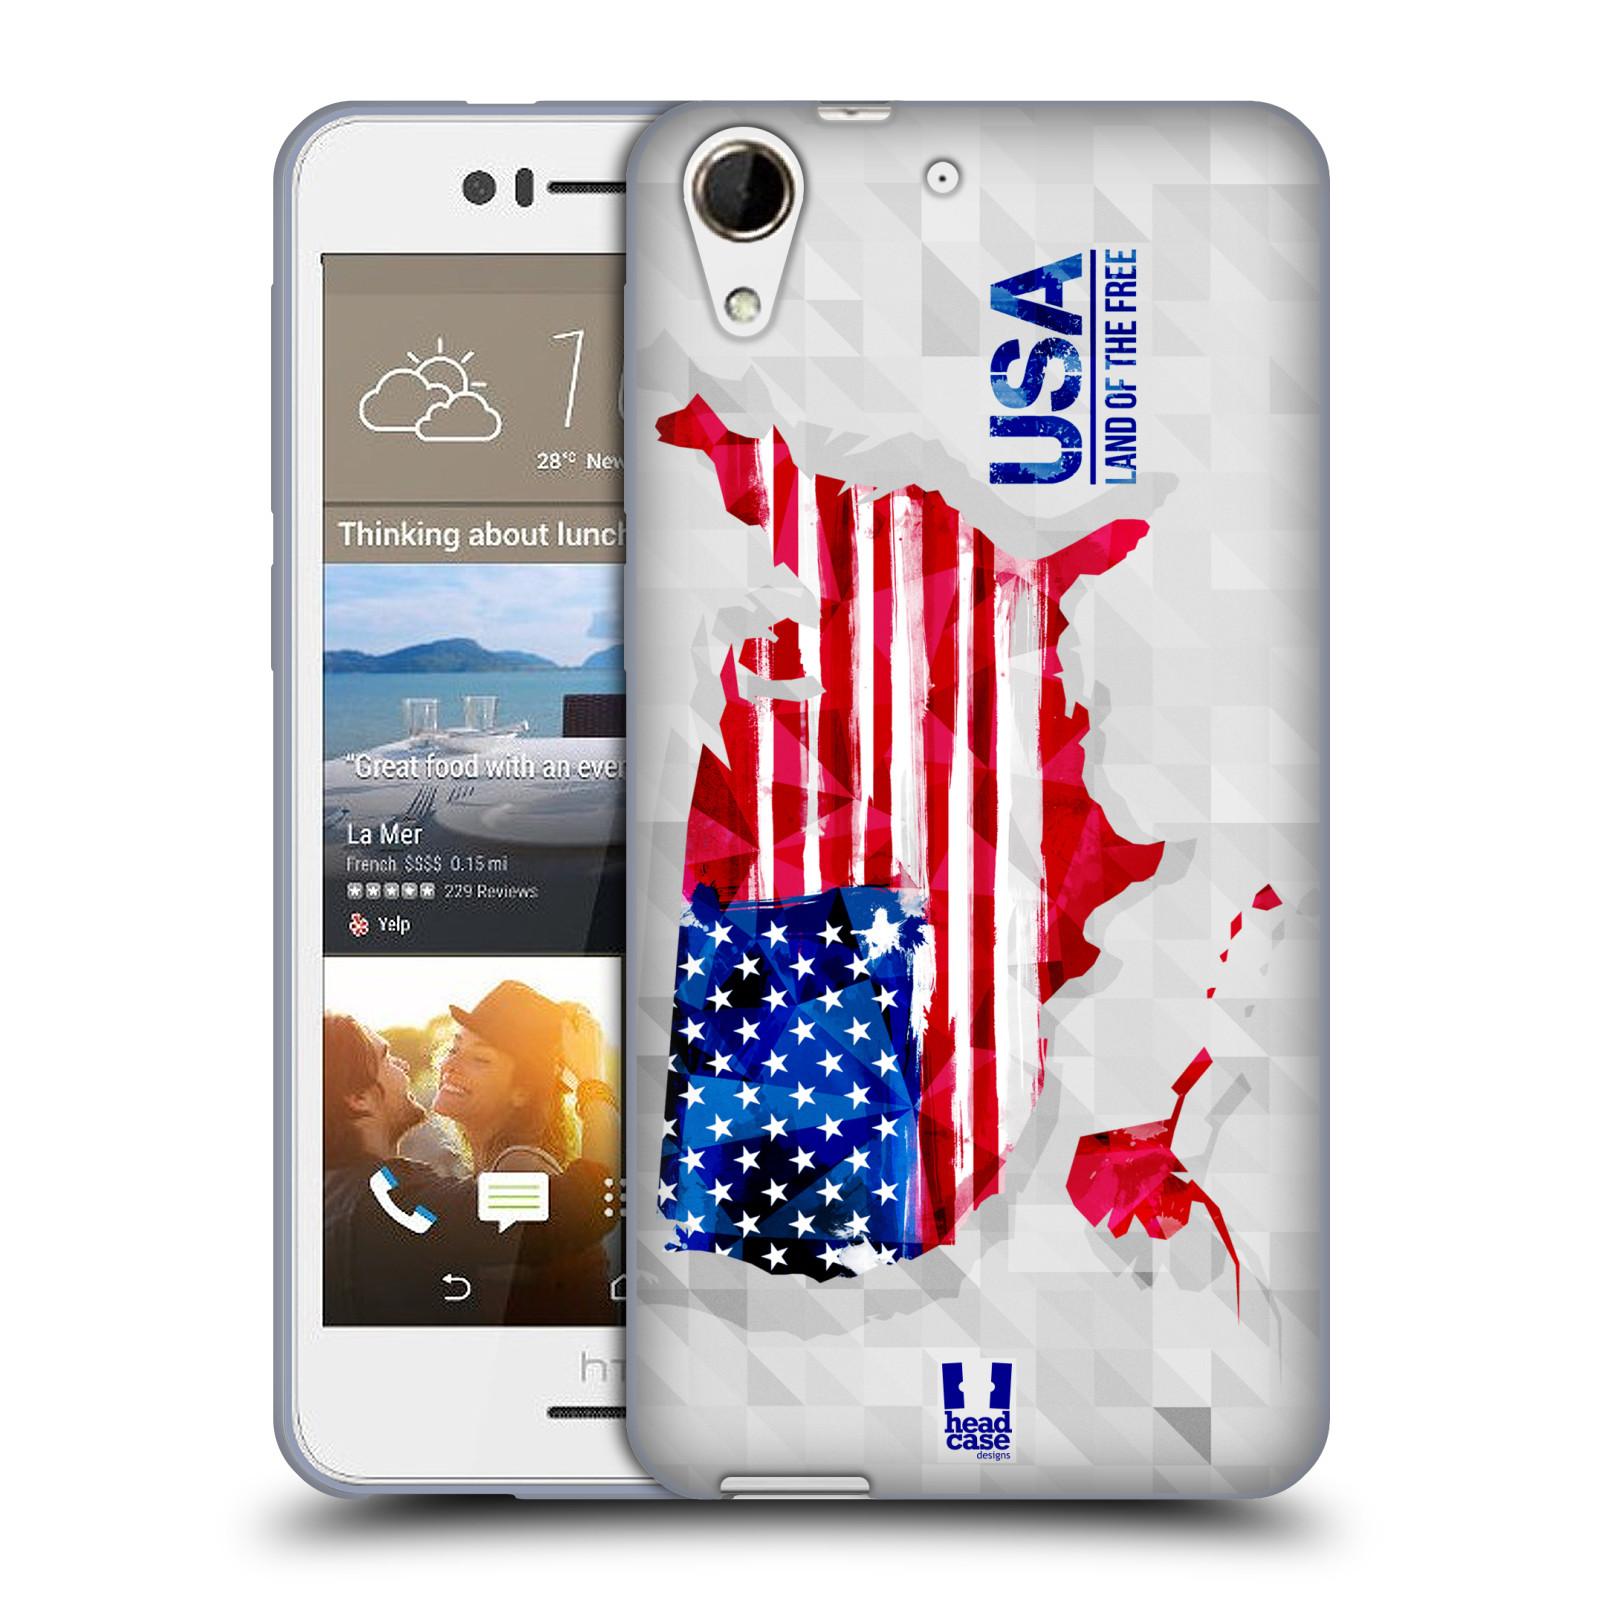 Silikonové pouzdro na mobil HTC Desire 728G Dual SIM HEAD CASE GEOMAPA USA (Silikonový kryt či obal na mobilní telefon HTC Desire 728 G Dual SIM)